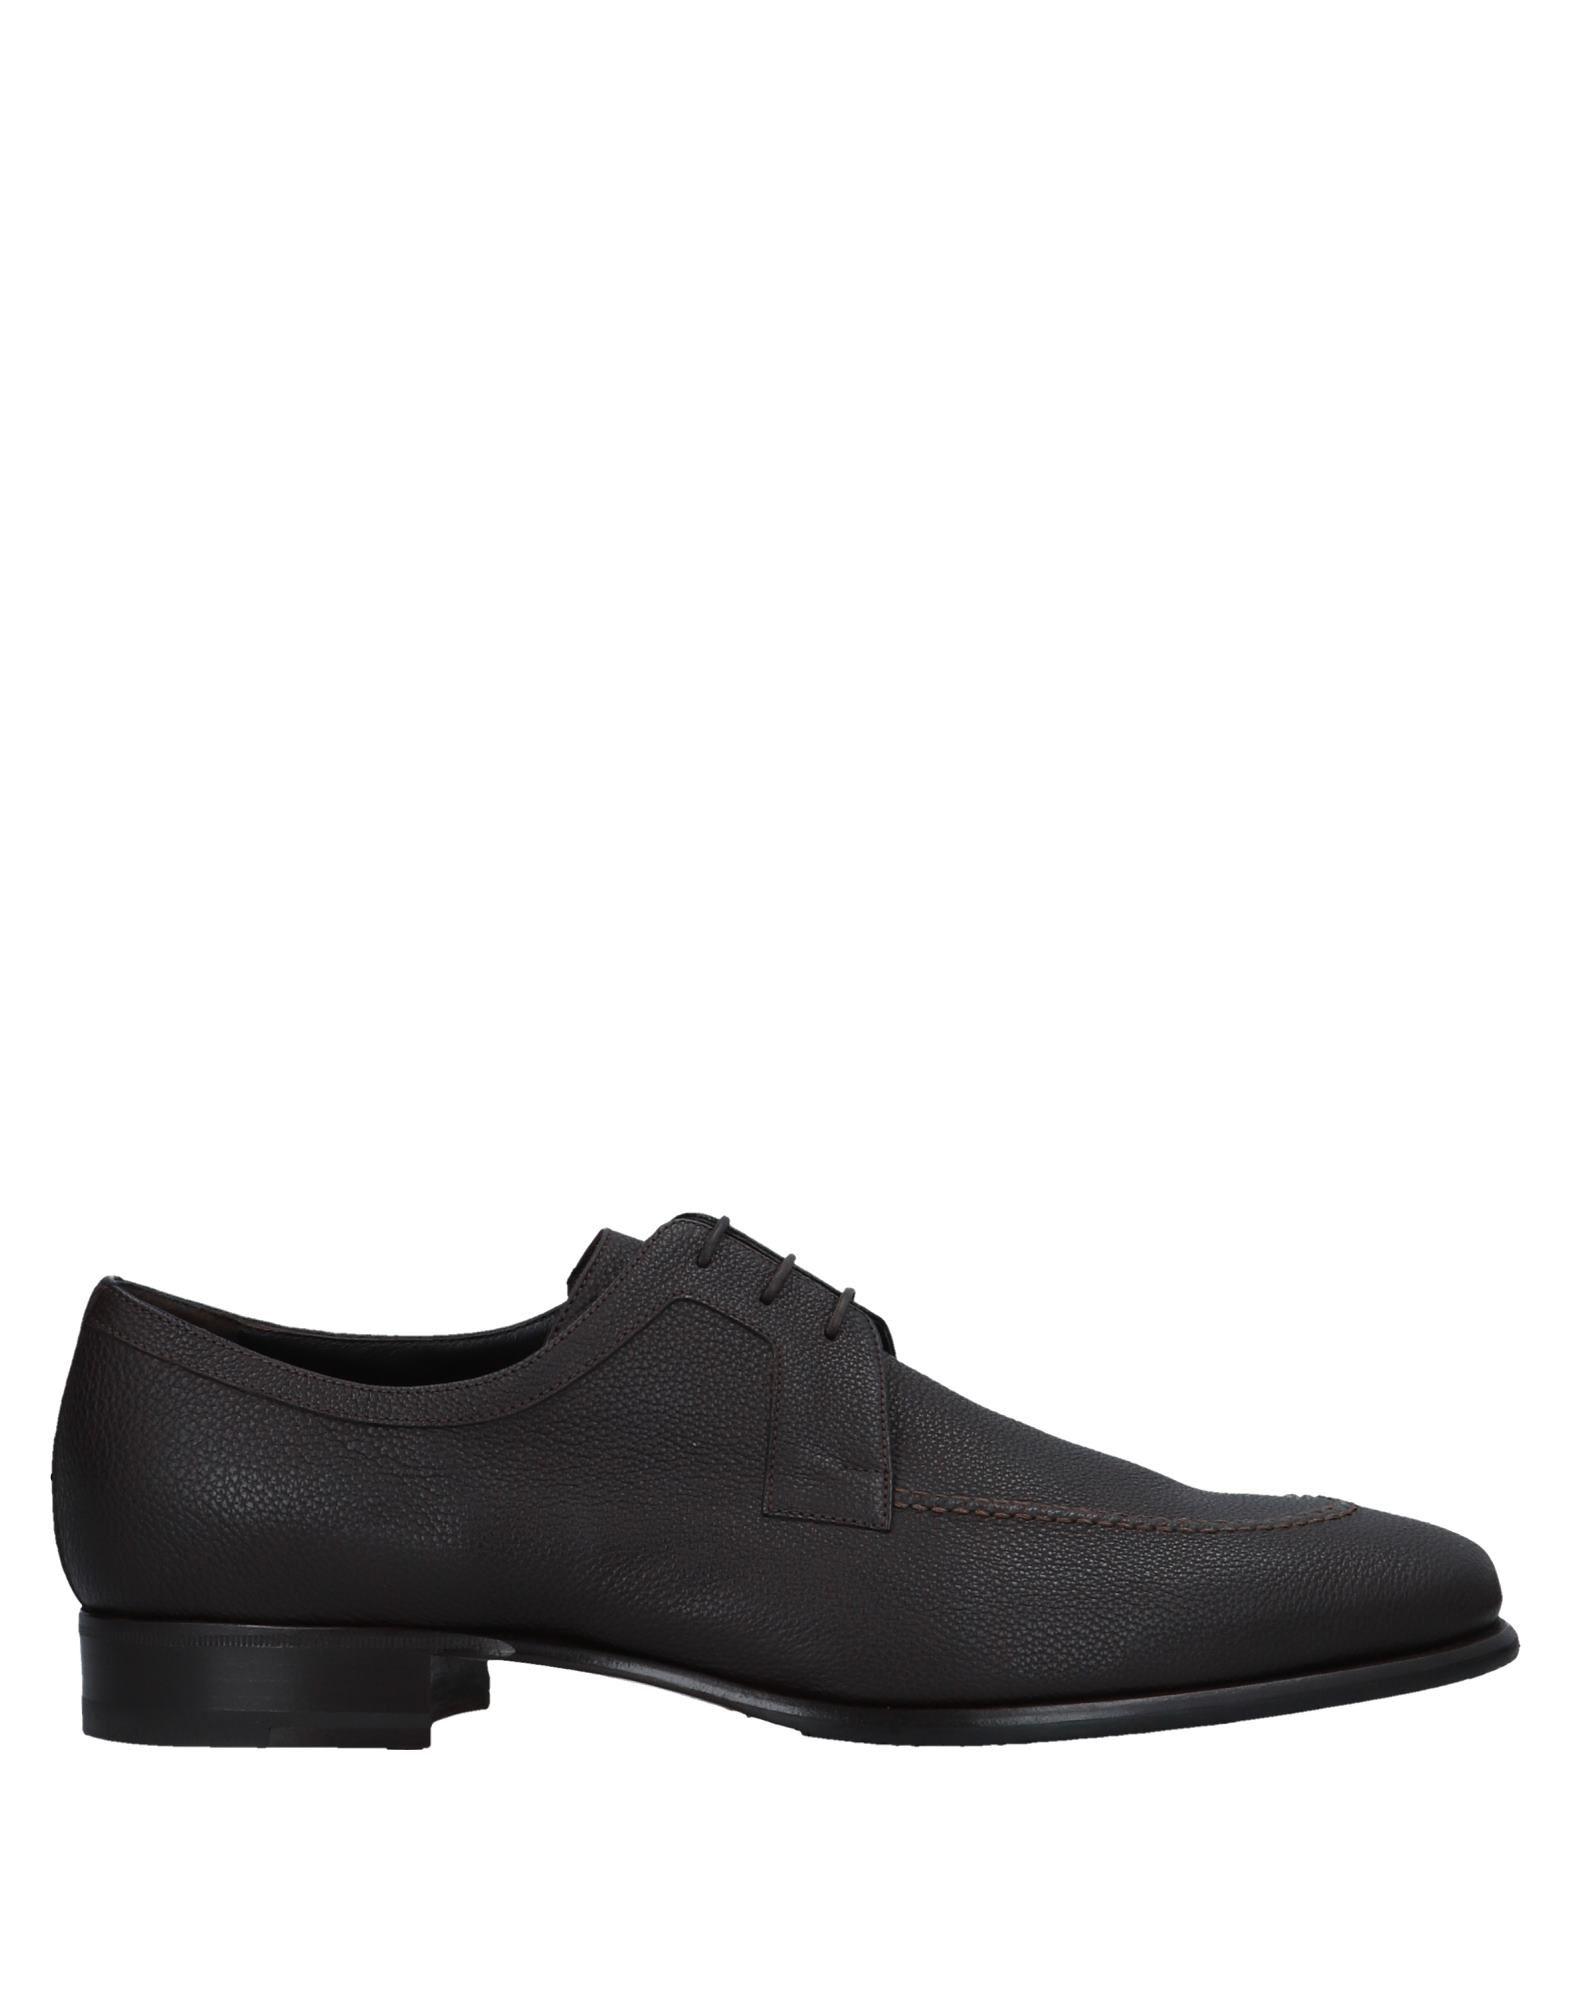 A.Testoni Schnürschuhe Herren  11543802CP Gute Qualität beliebte Schuhe